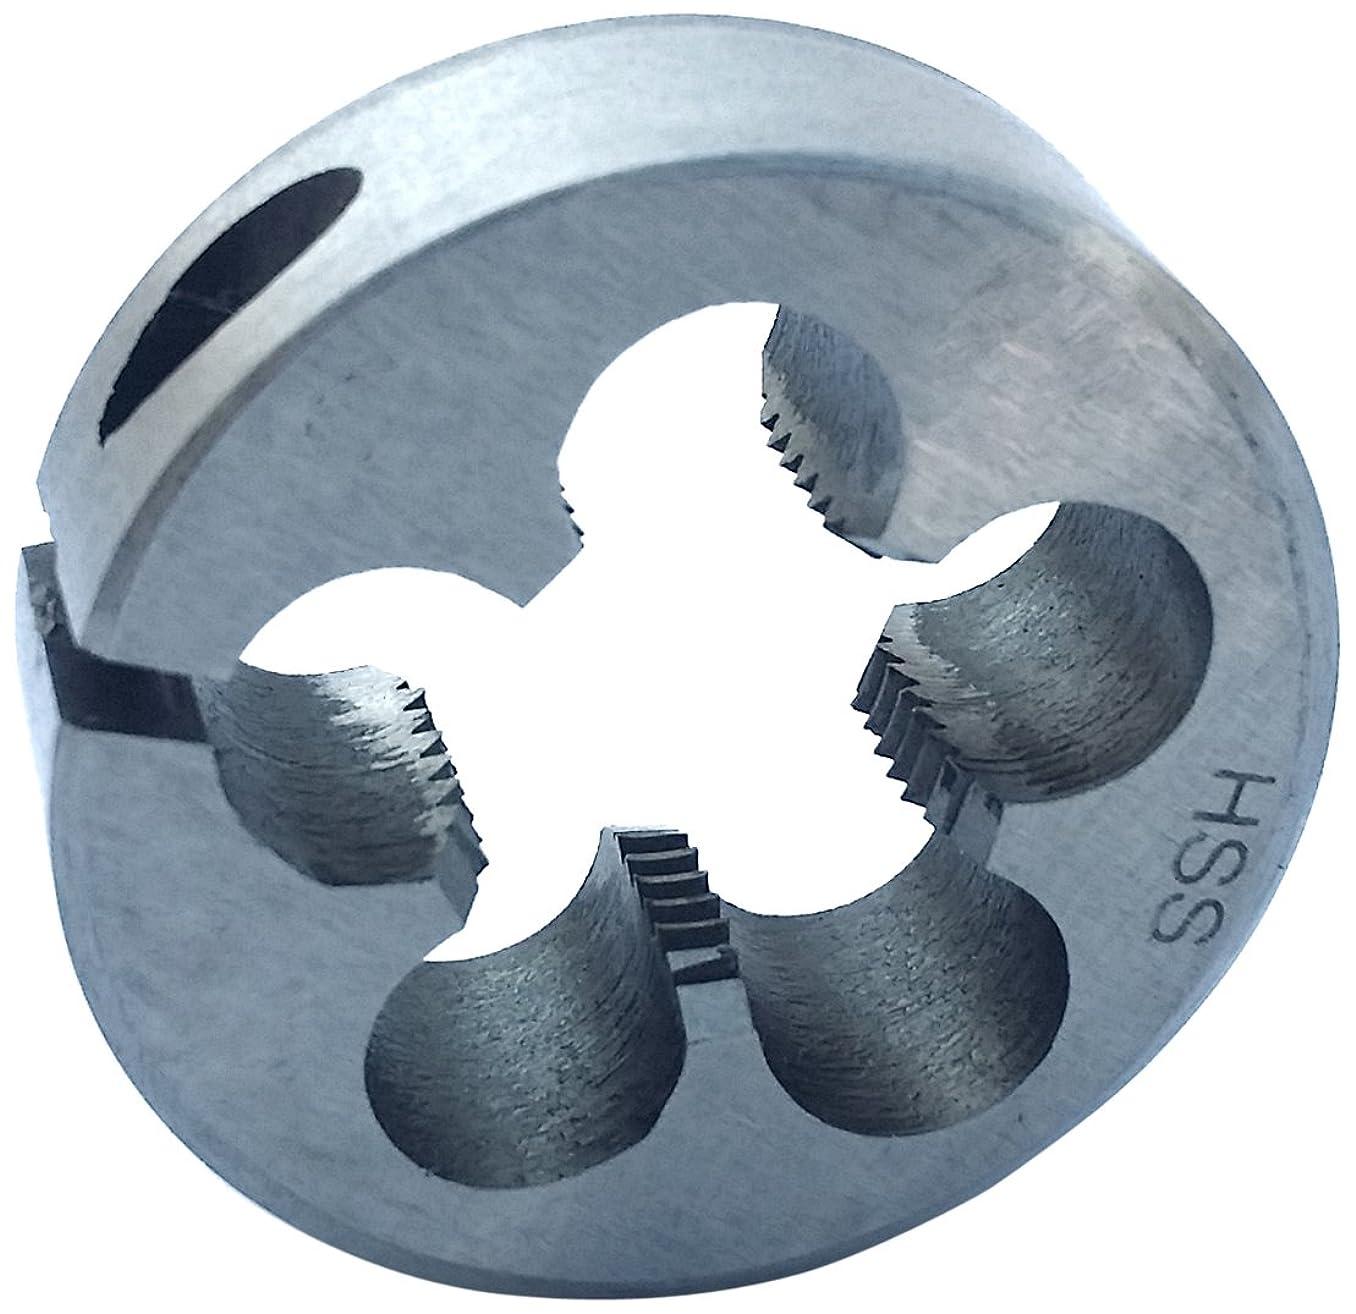 HHIP 1016-1260 1/2-20 (1-1/2 Inch OD) Adjustable Round Split Die